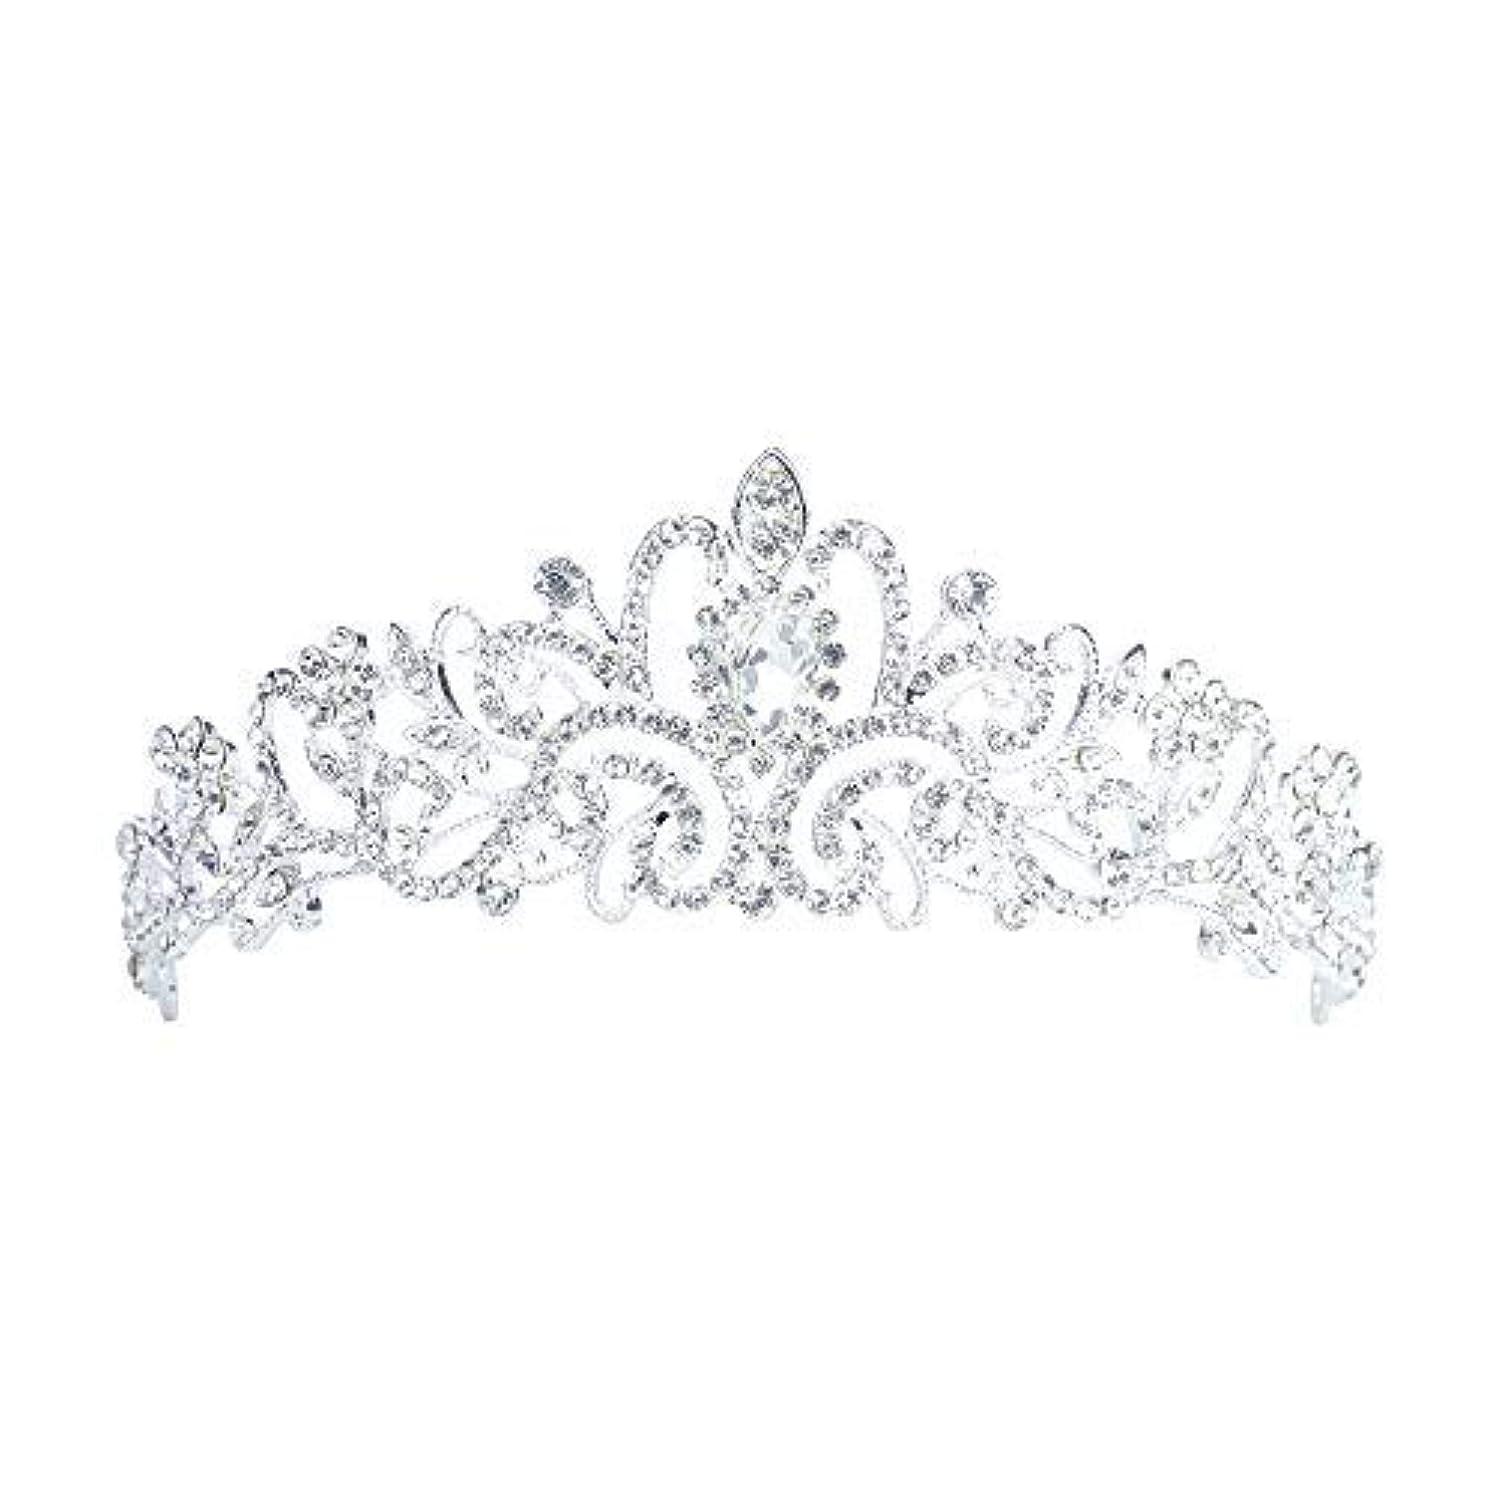 モンスターしなければならない通り抜けるLermity Hair Comb Crown Rhinestone Hairpins Bridal Wedding Hair Accessories Jewelry Austrian Crystals Hair Clips...